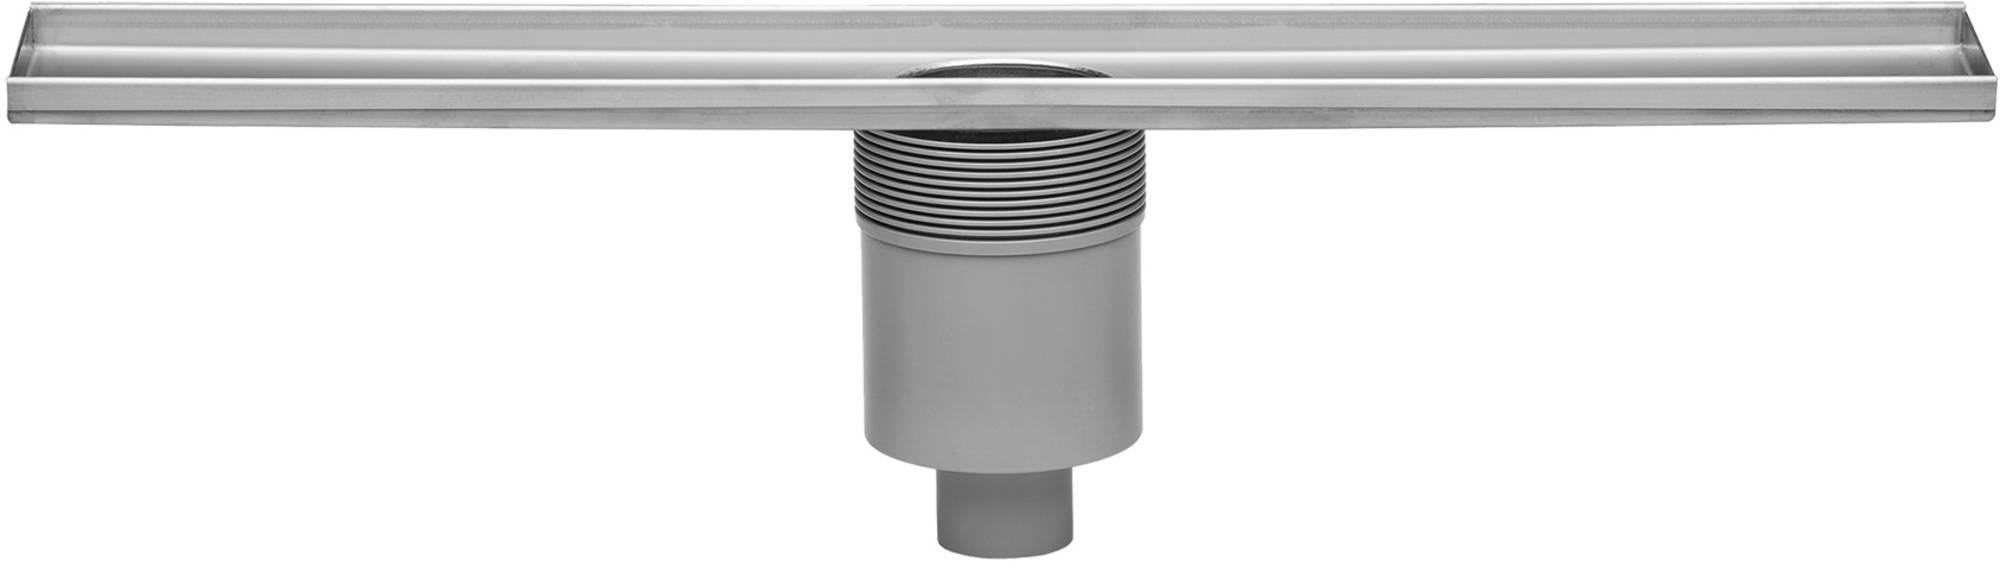 Easydrain Multi douchegoot 70 cm, onderuitloop zonder rooster, rvs